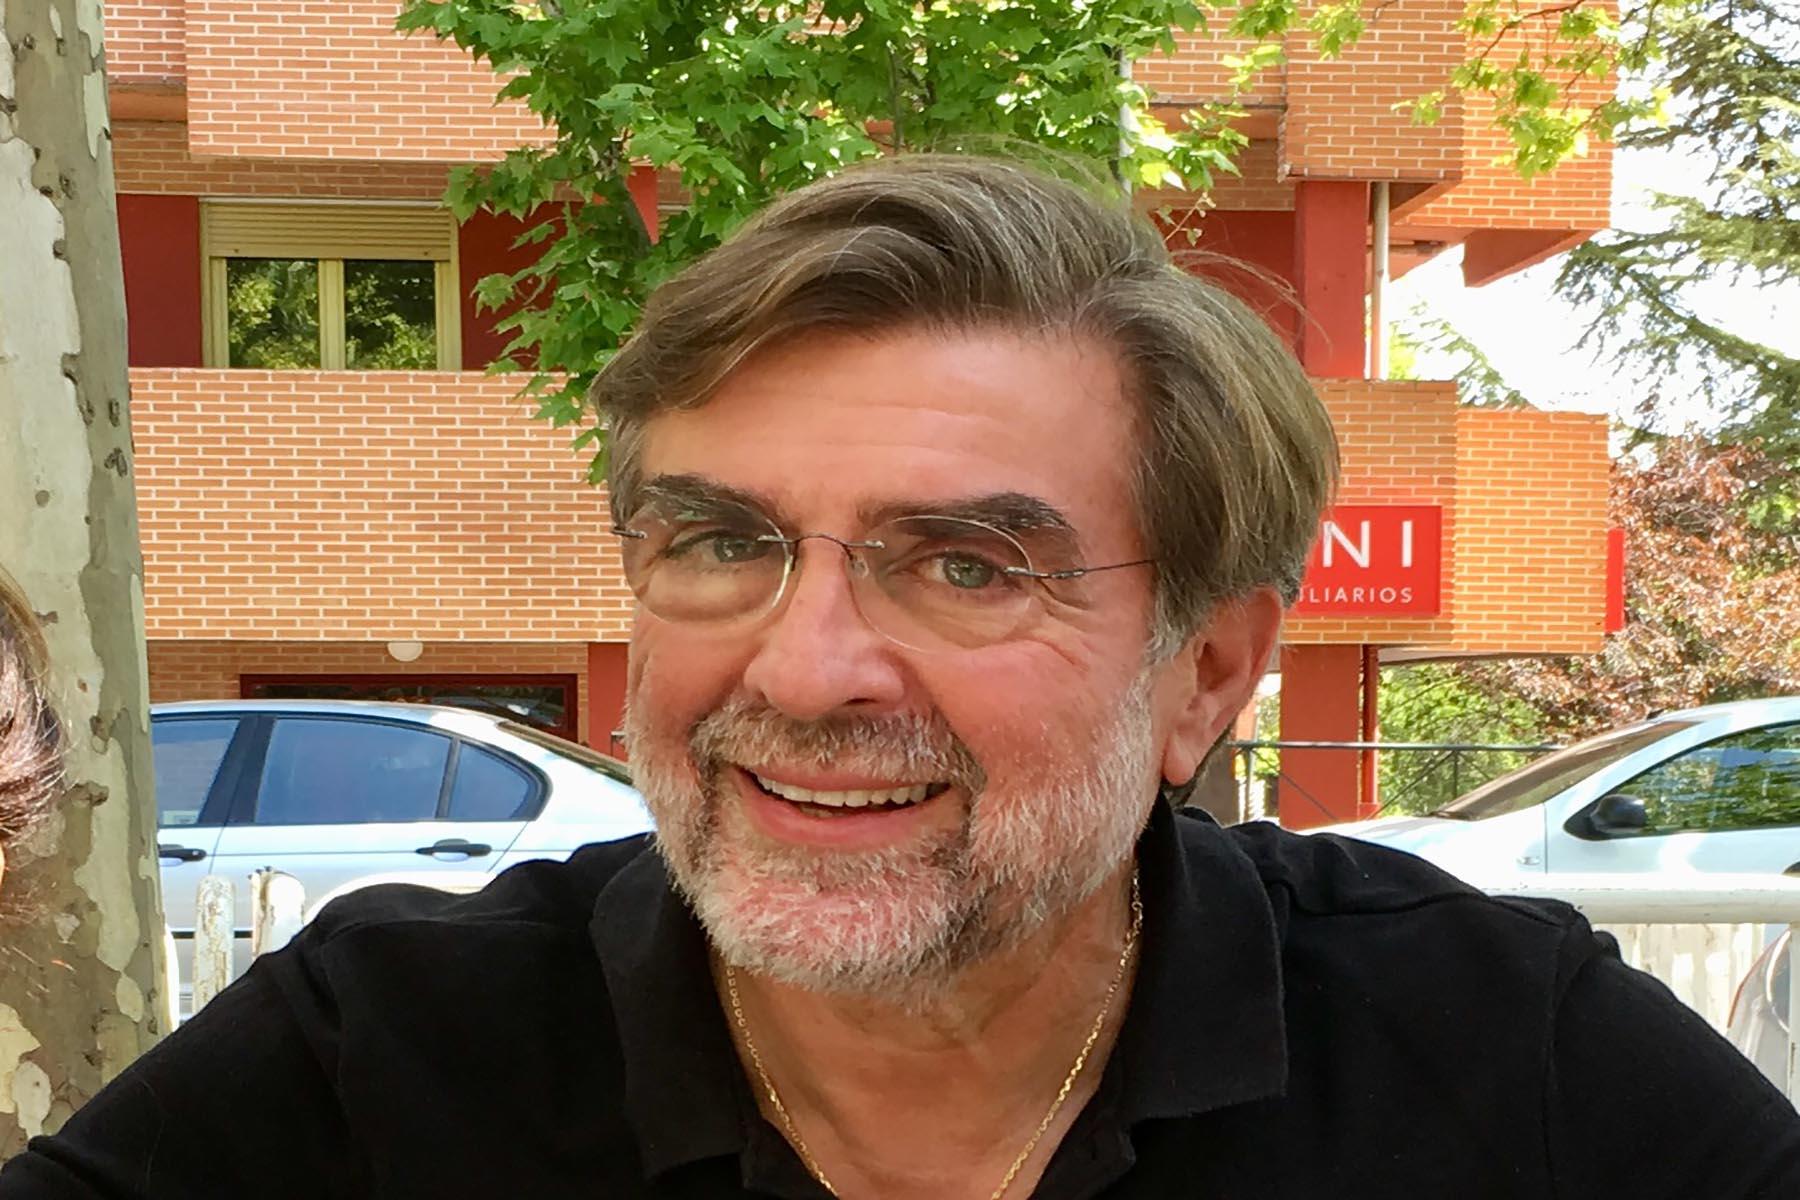 Manuel Recuero